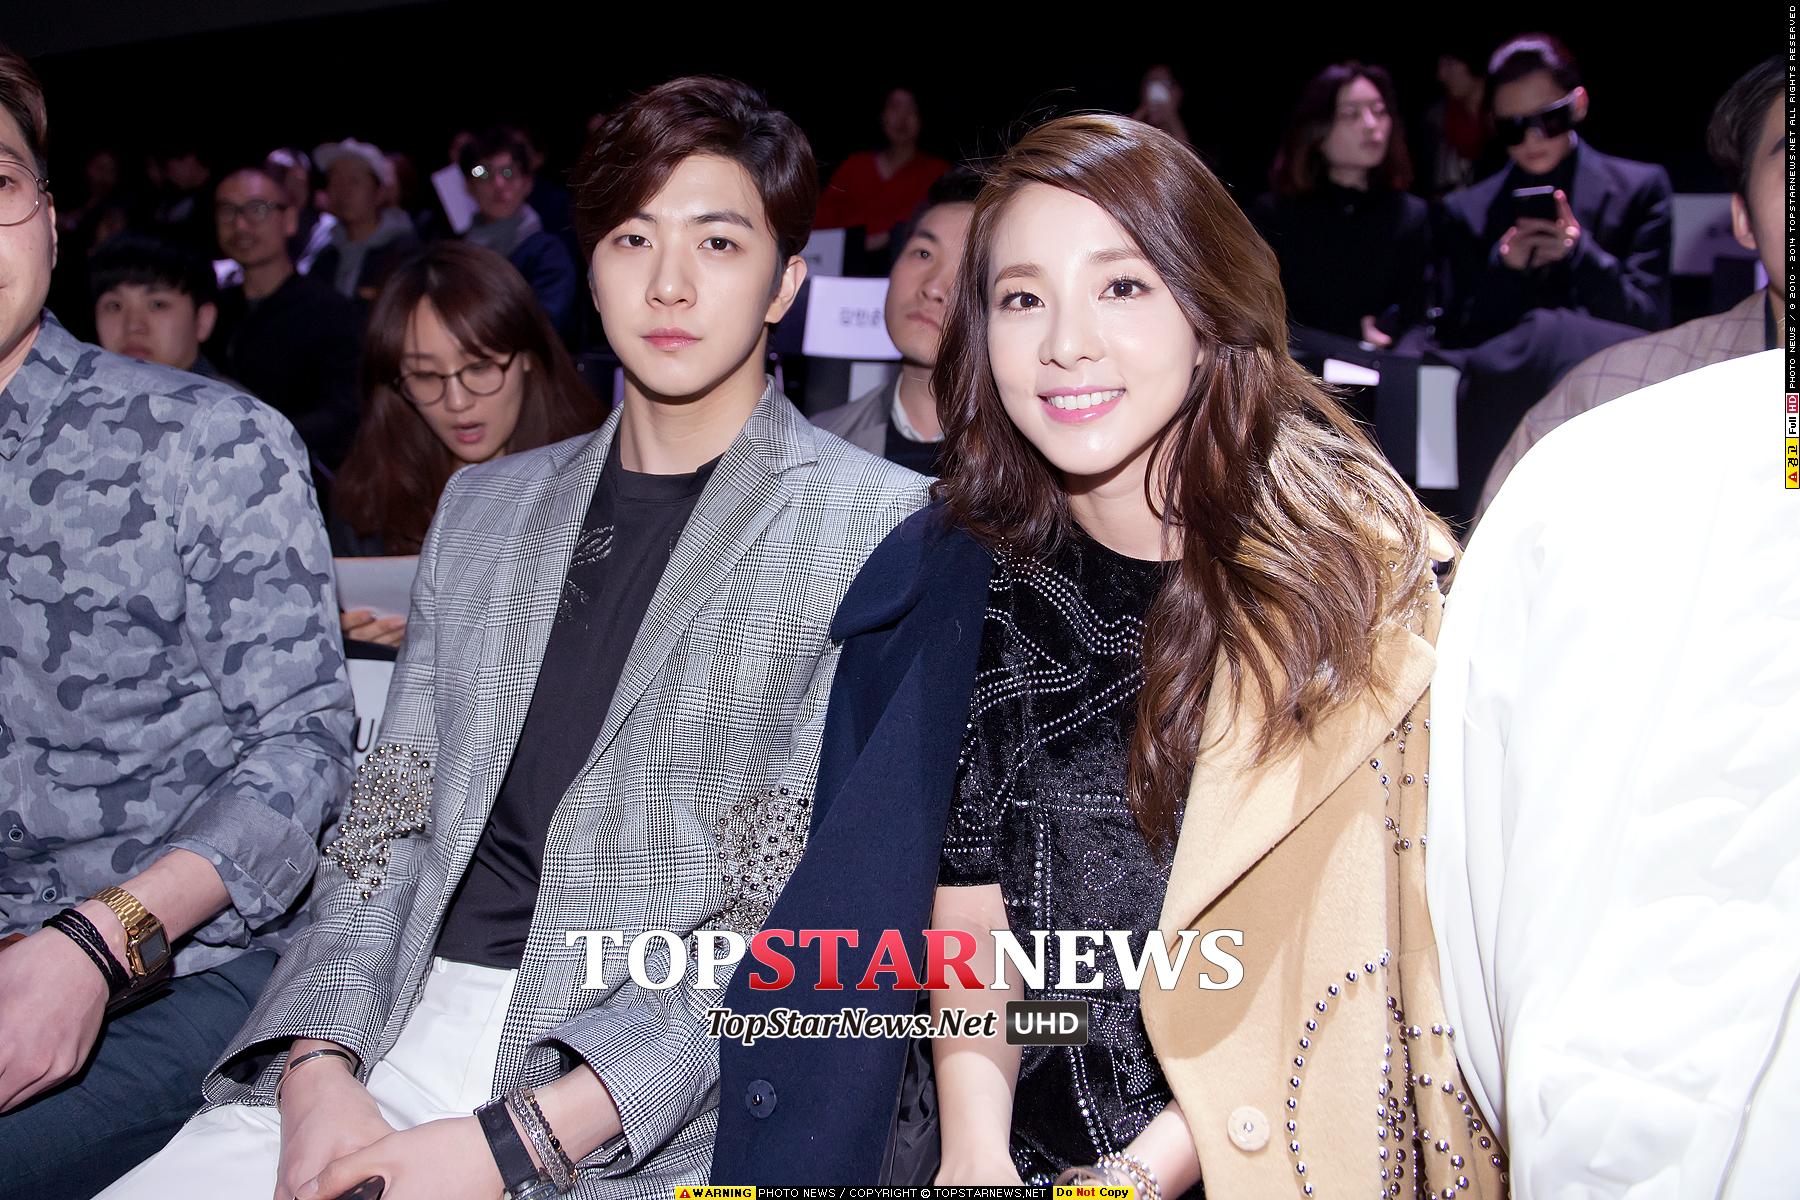 2. 差Dara 6歲的親弟弟也加入韓國演藝圈,是男子團體MBLAQ前成員天動